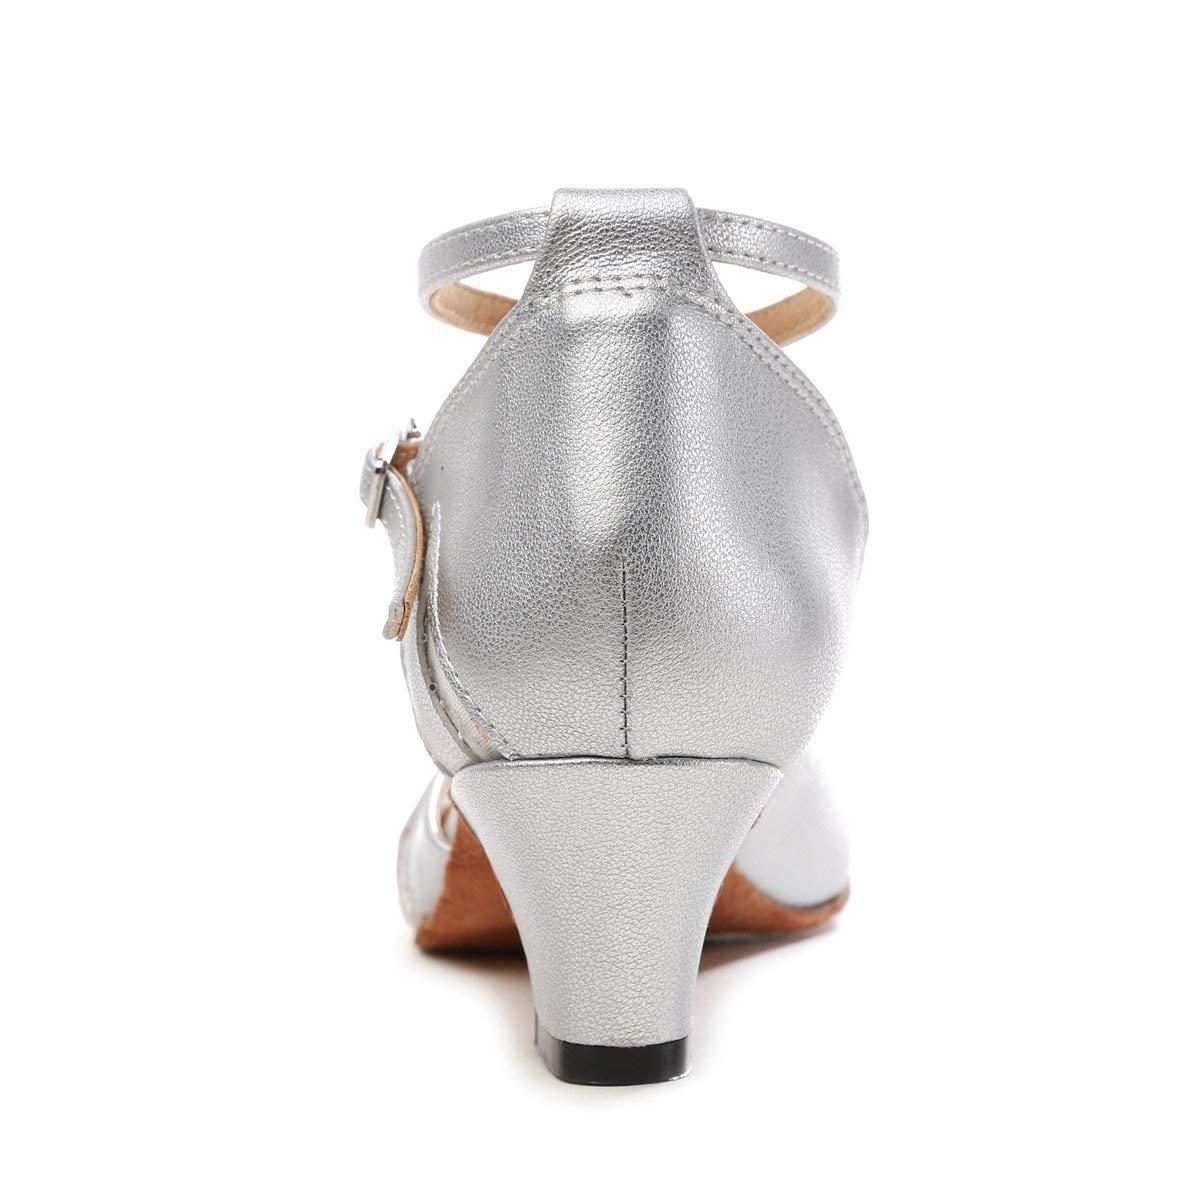 Qiusa GL261 Frauen Geschlossene Zehe Silber Mesh Mesh Mesh Synthetische Salsa Latin Dance Schuhe Party Pumps UK 4,5 (Farbe   - Größe   -) c8b2c7